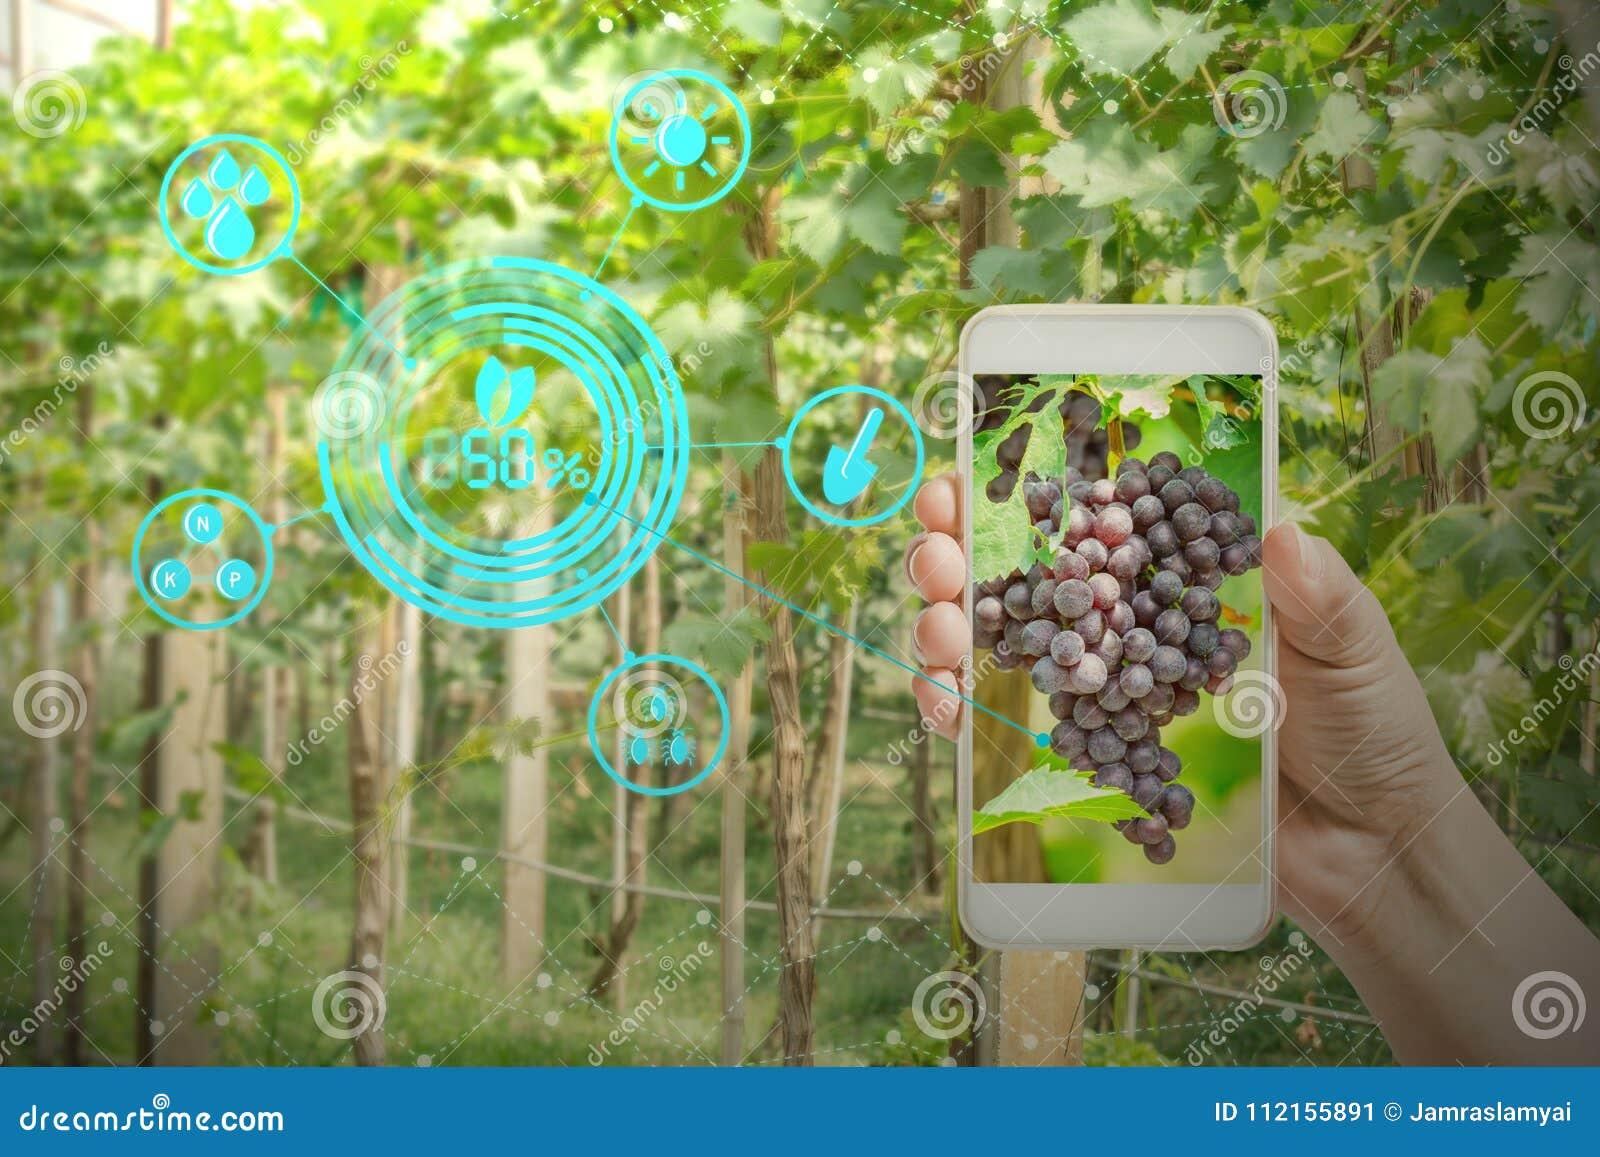 Hållande mobiltelefon för hand som kontrollerar druvor i jordbrukträdgård med begreppsteknologier